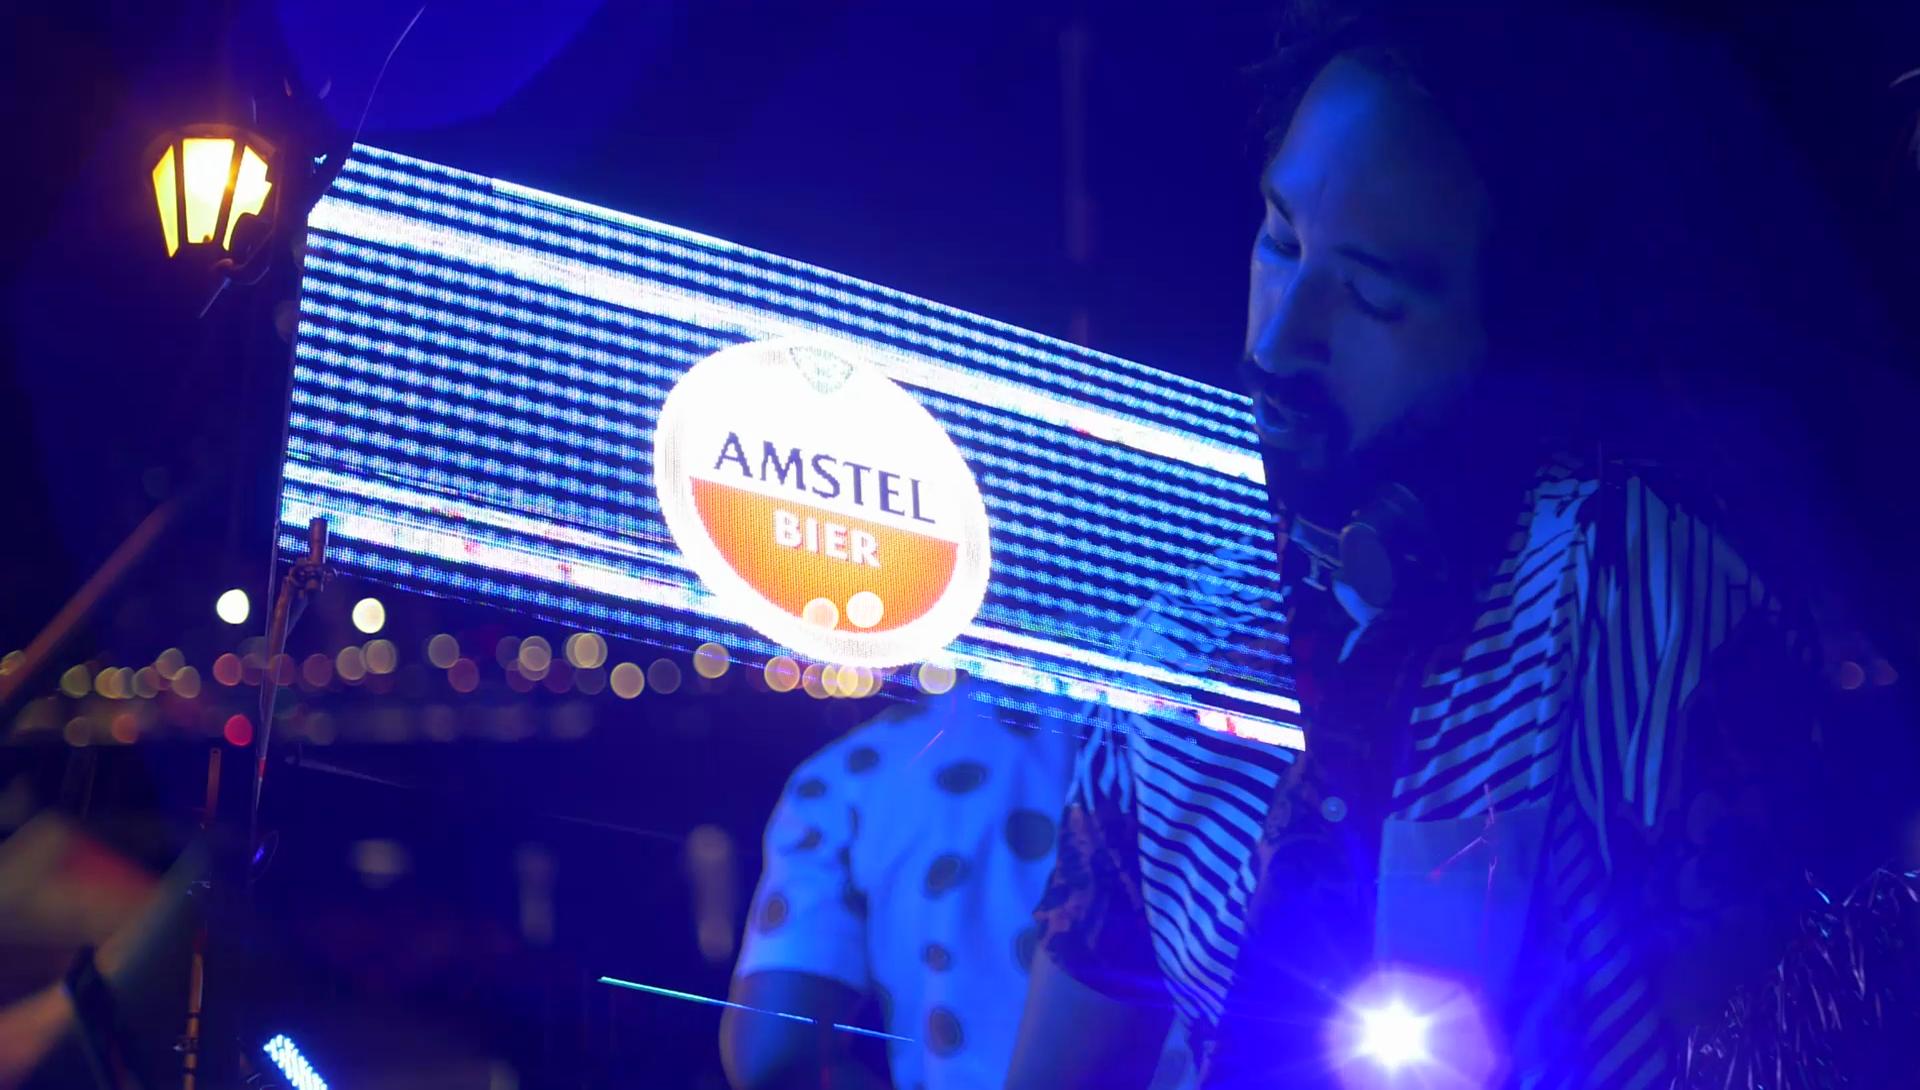 Amstel Bier Light